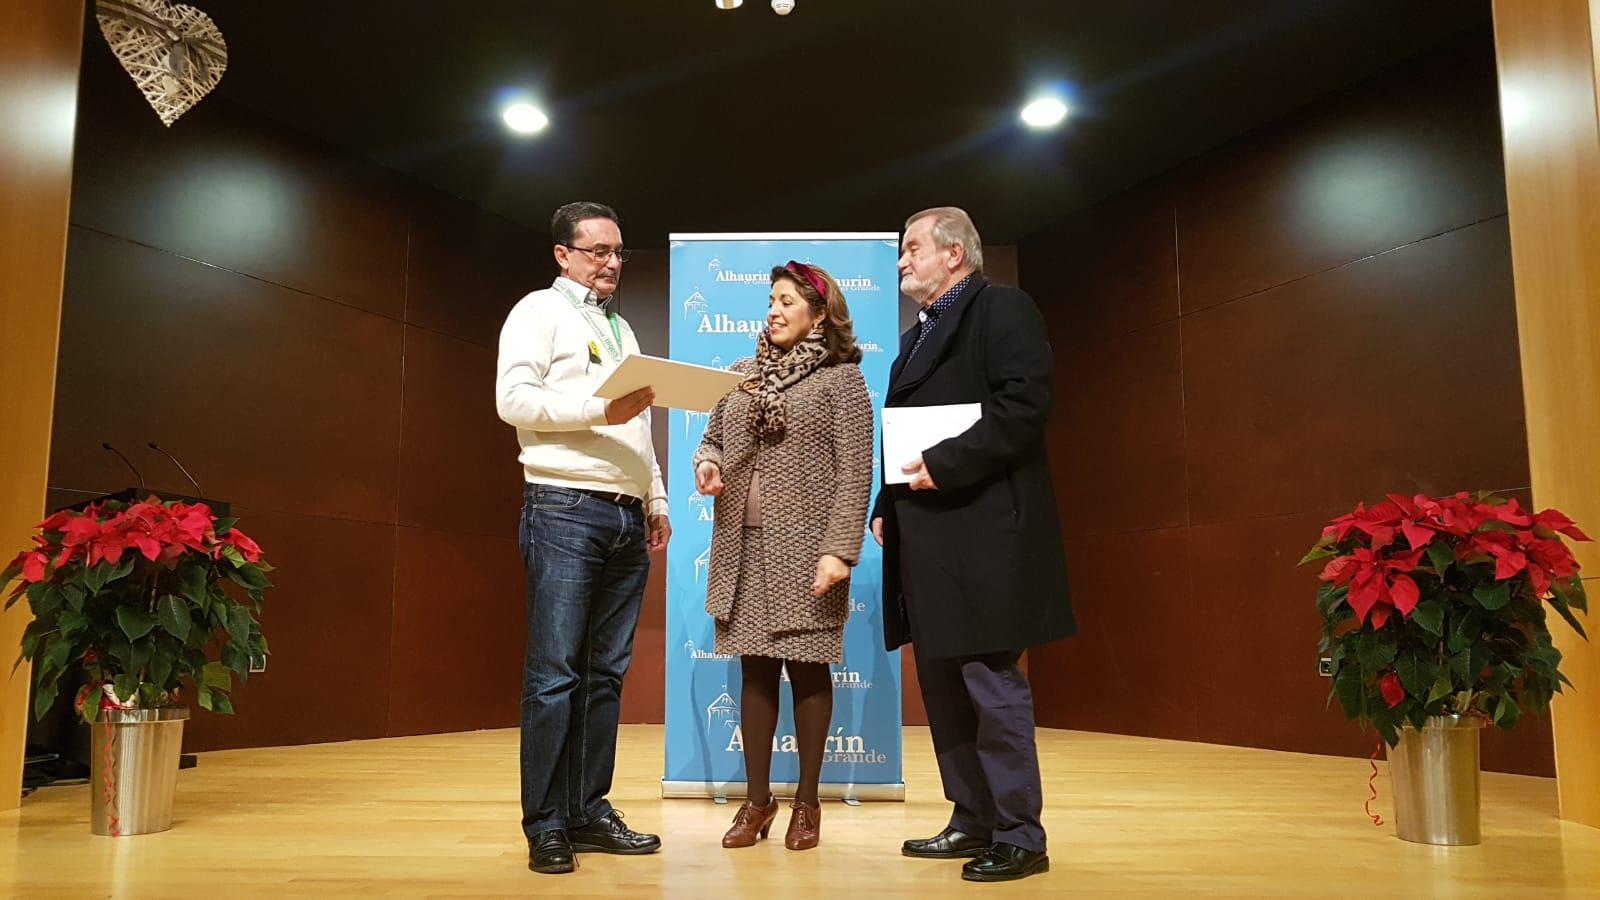 """Entrega de fondos recaudados  por la Asociación Cultural de Técnicos Teatrales de Torremolinos en su obra """"Un Espíritu Burlón"""""""